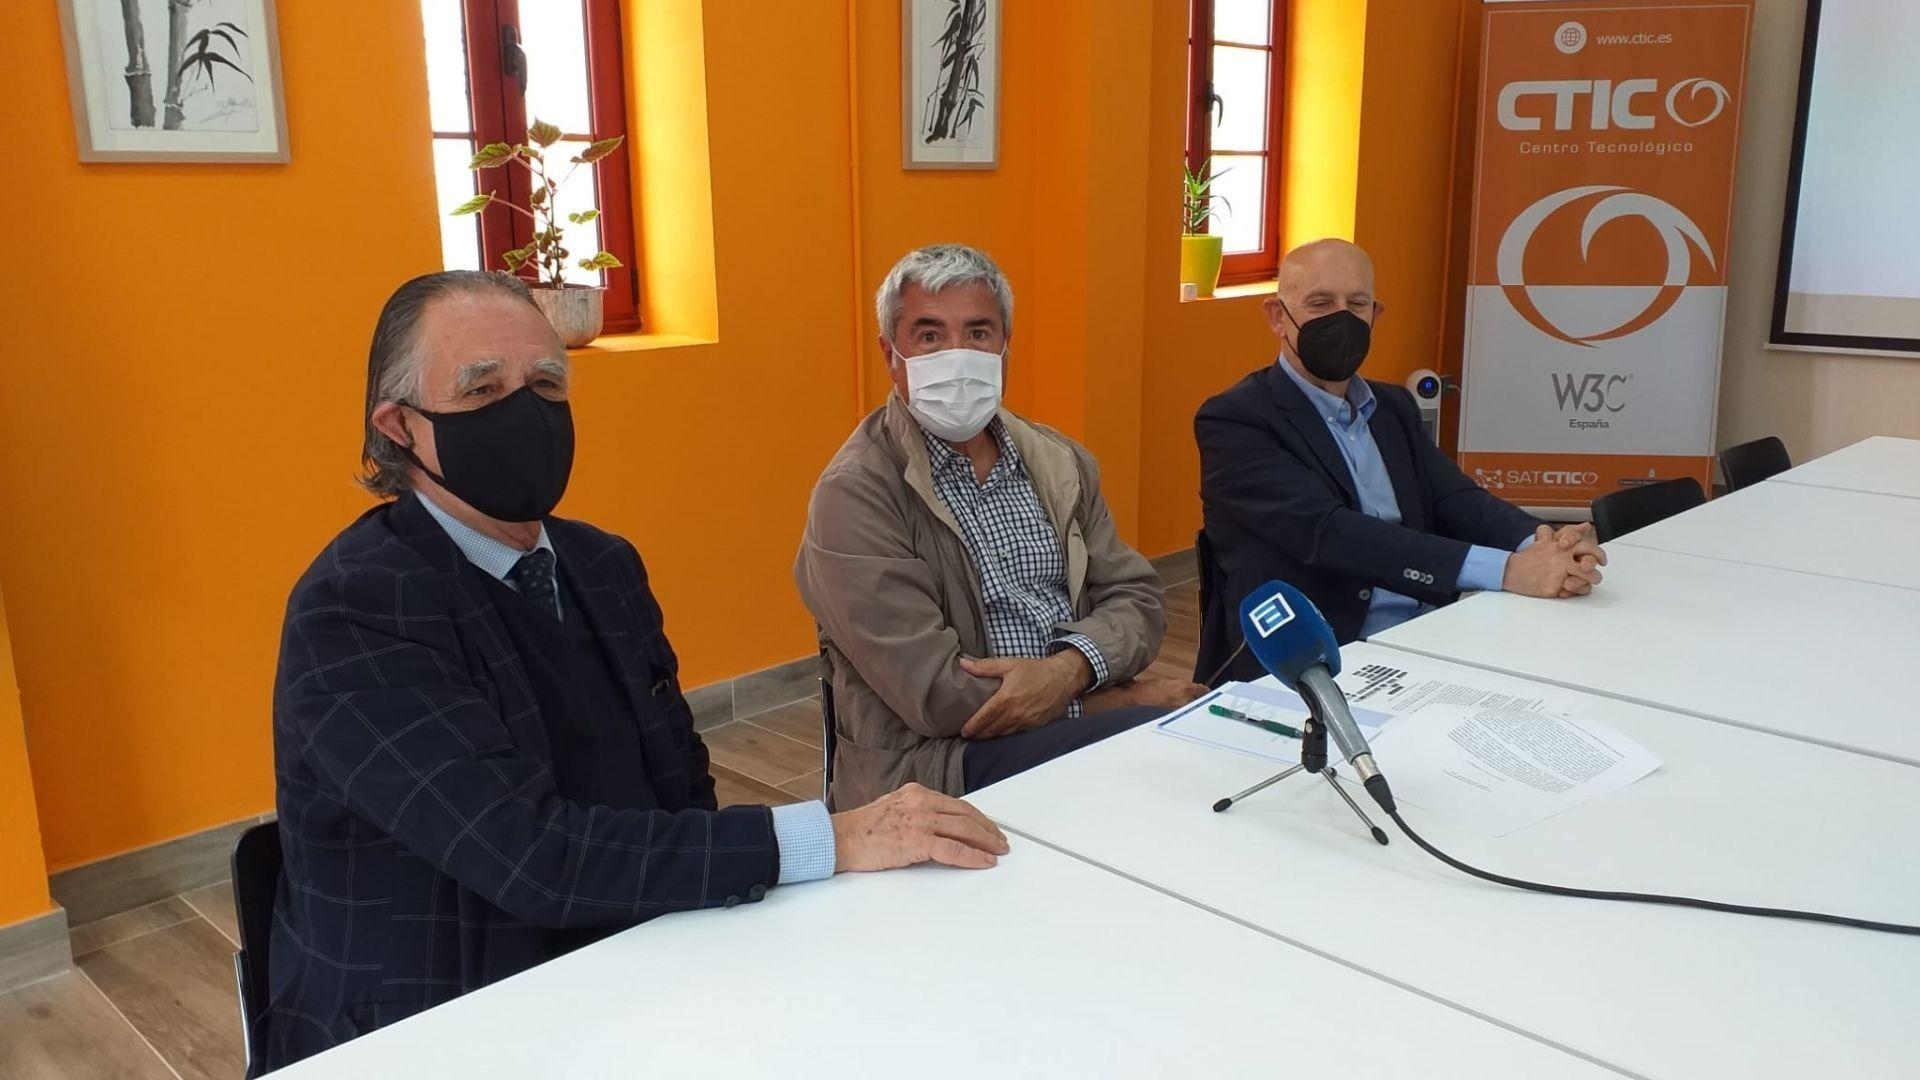 Juan Velarde Fuertes.De izquierda a derecha, el presidente de CTIC, Roberto Paraja; el comisionado para el Reto Demográfico, Jaime Izquierdo, y el director general de CTIC, Pablo Priesca